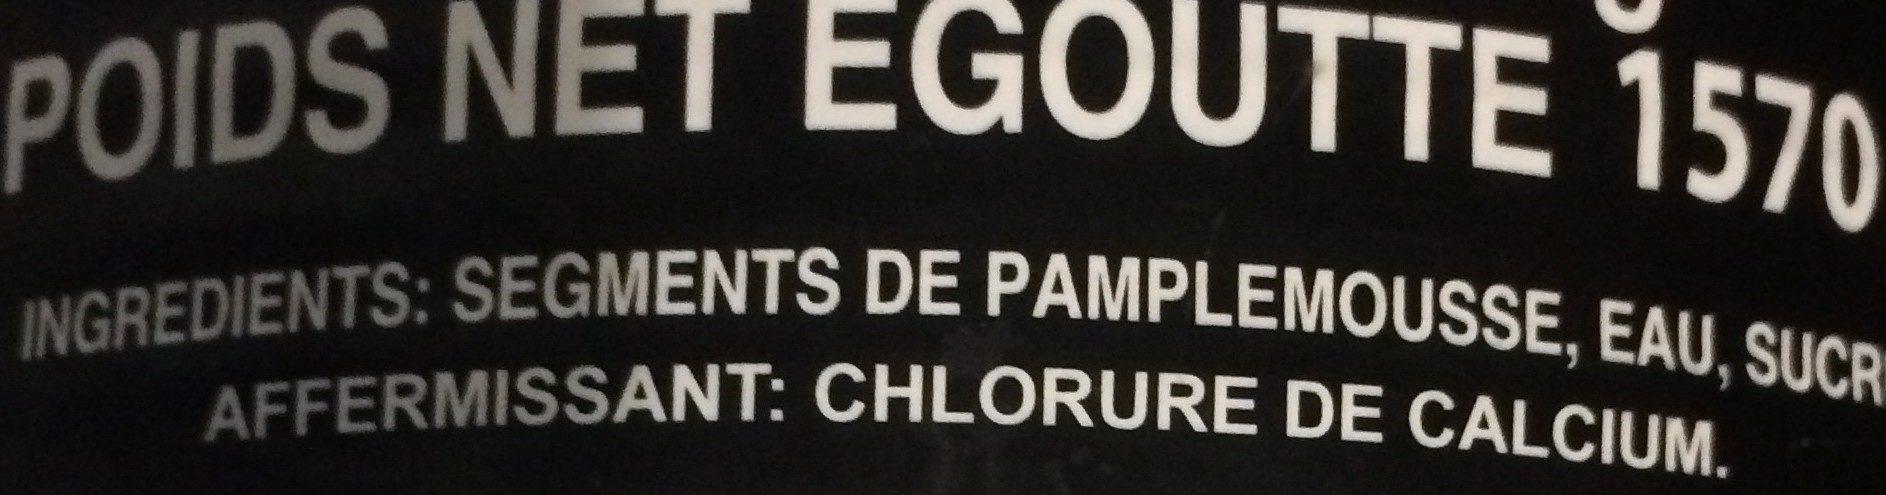 Segments de pamplemousse au sirop léger - Ingrédients